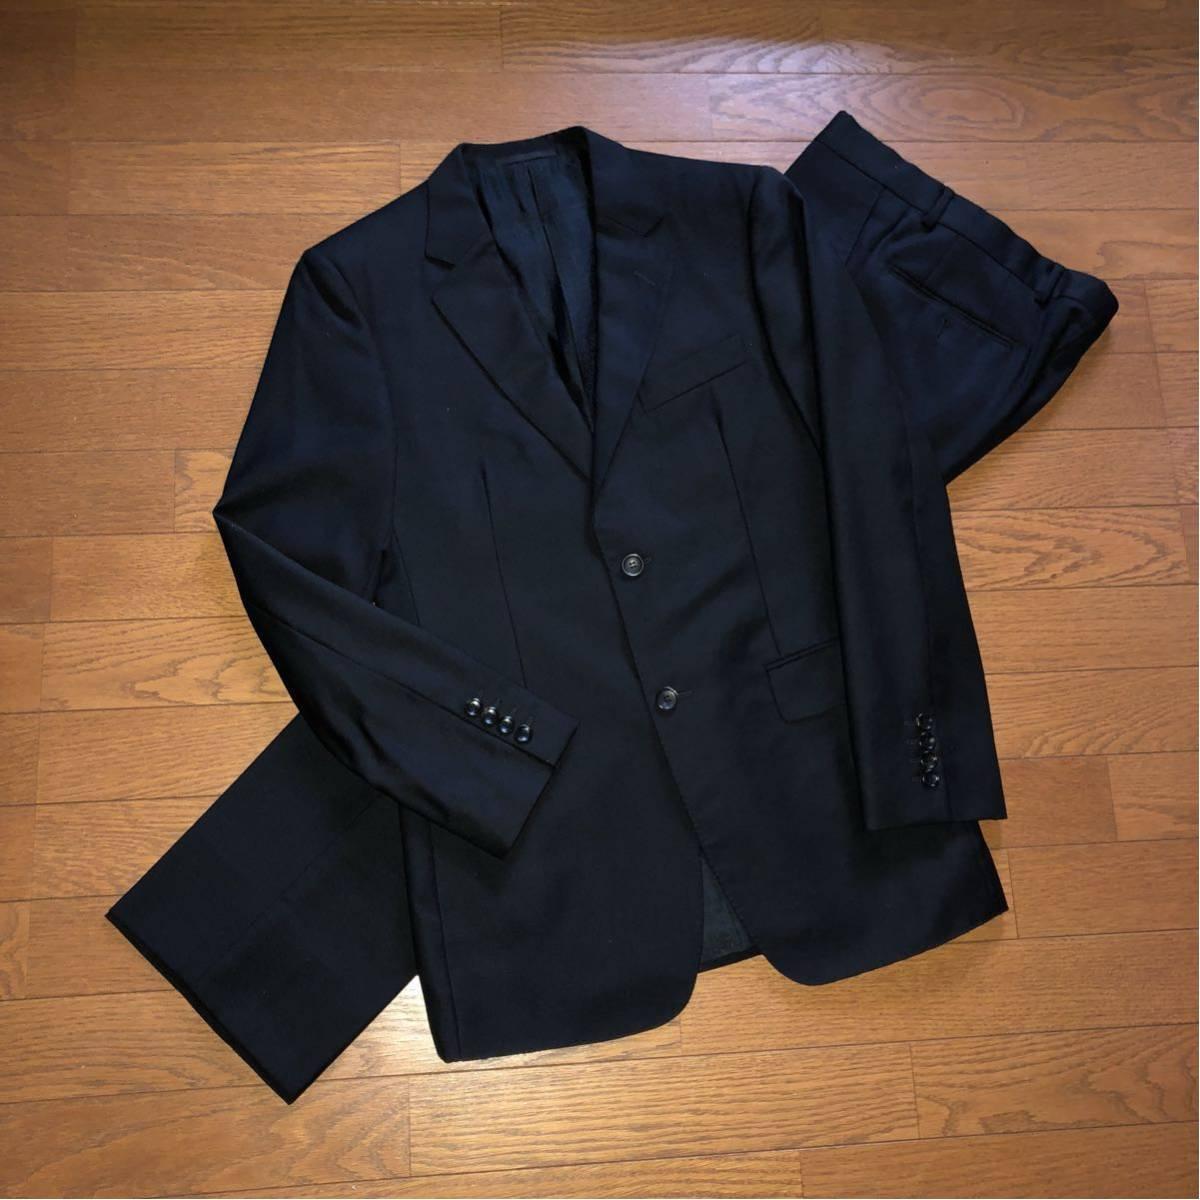 【美品】イタリア製 正規品 GUCCIグッチ スーツ ブラック46